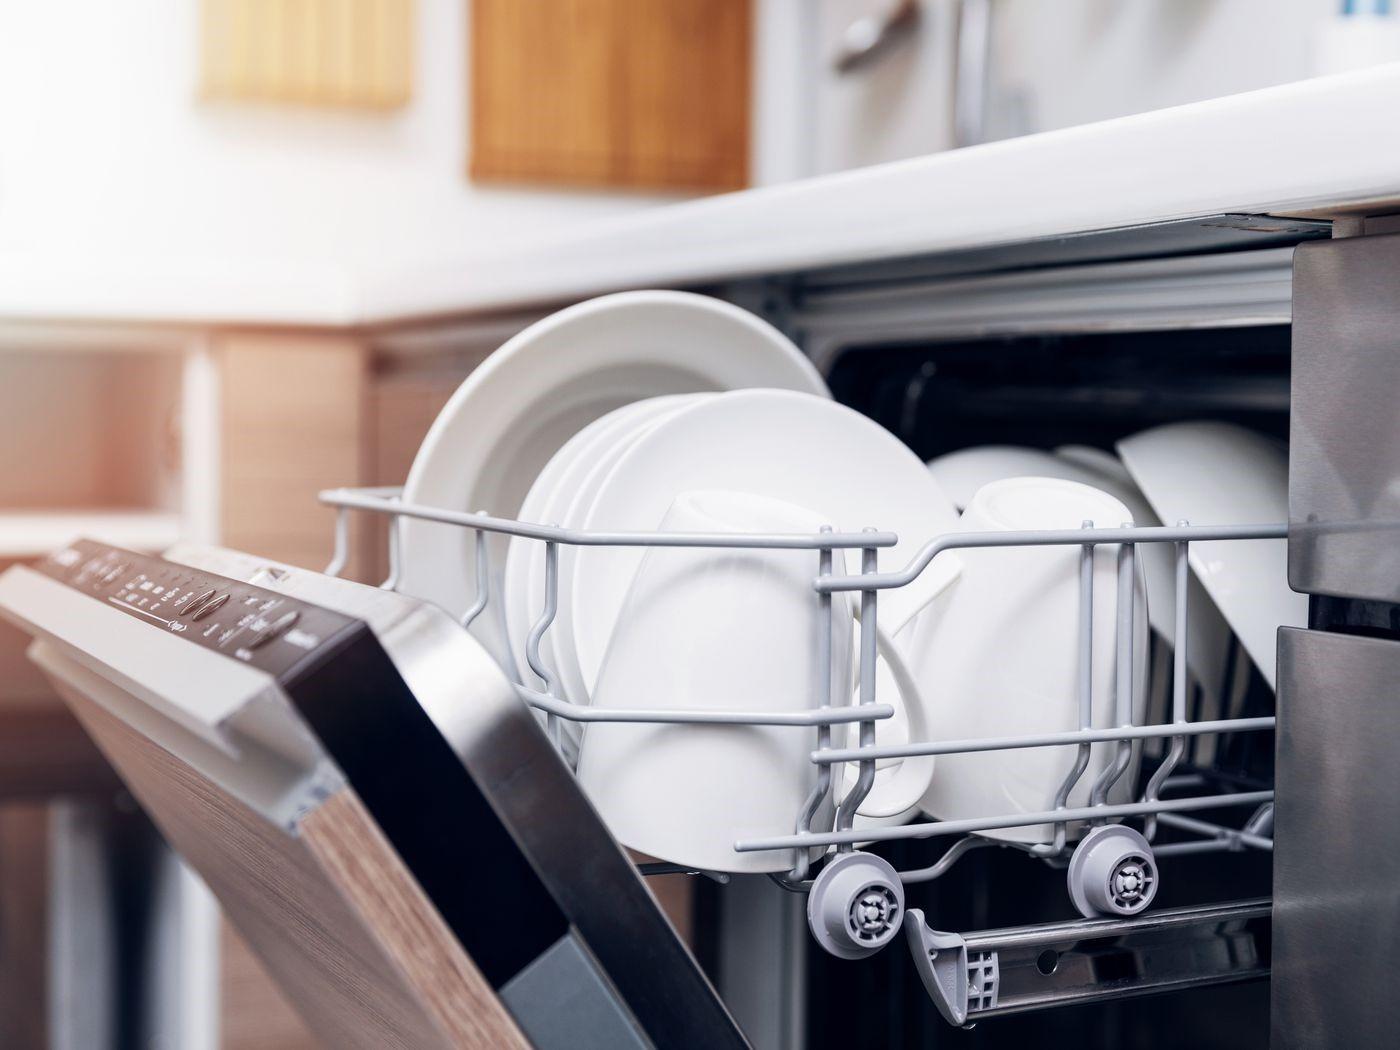 مشکلات متفاوت ظرفشویی